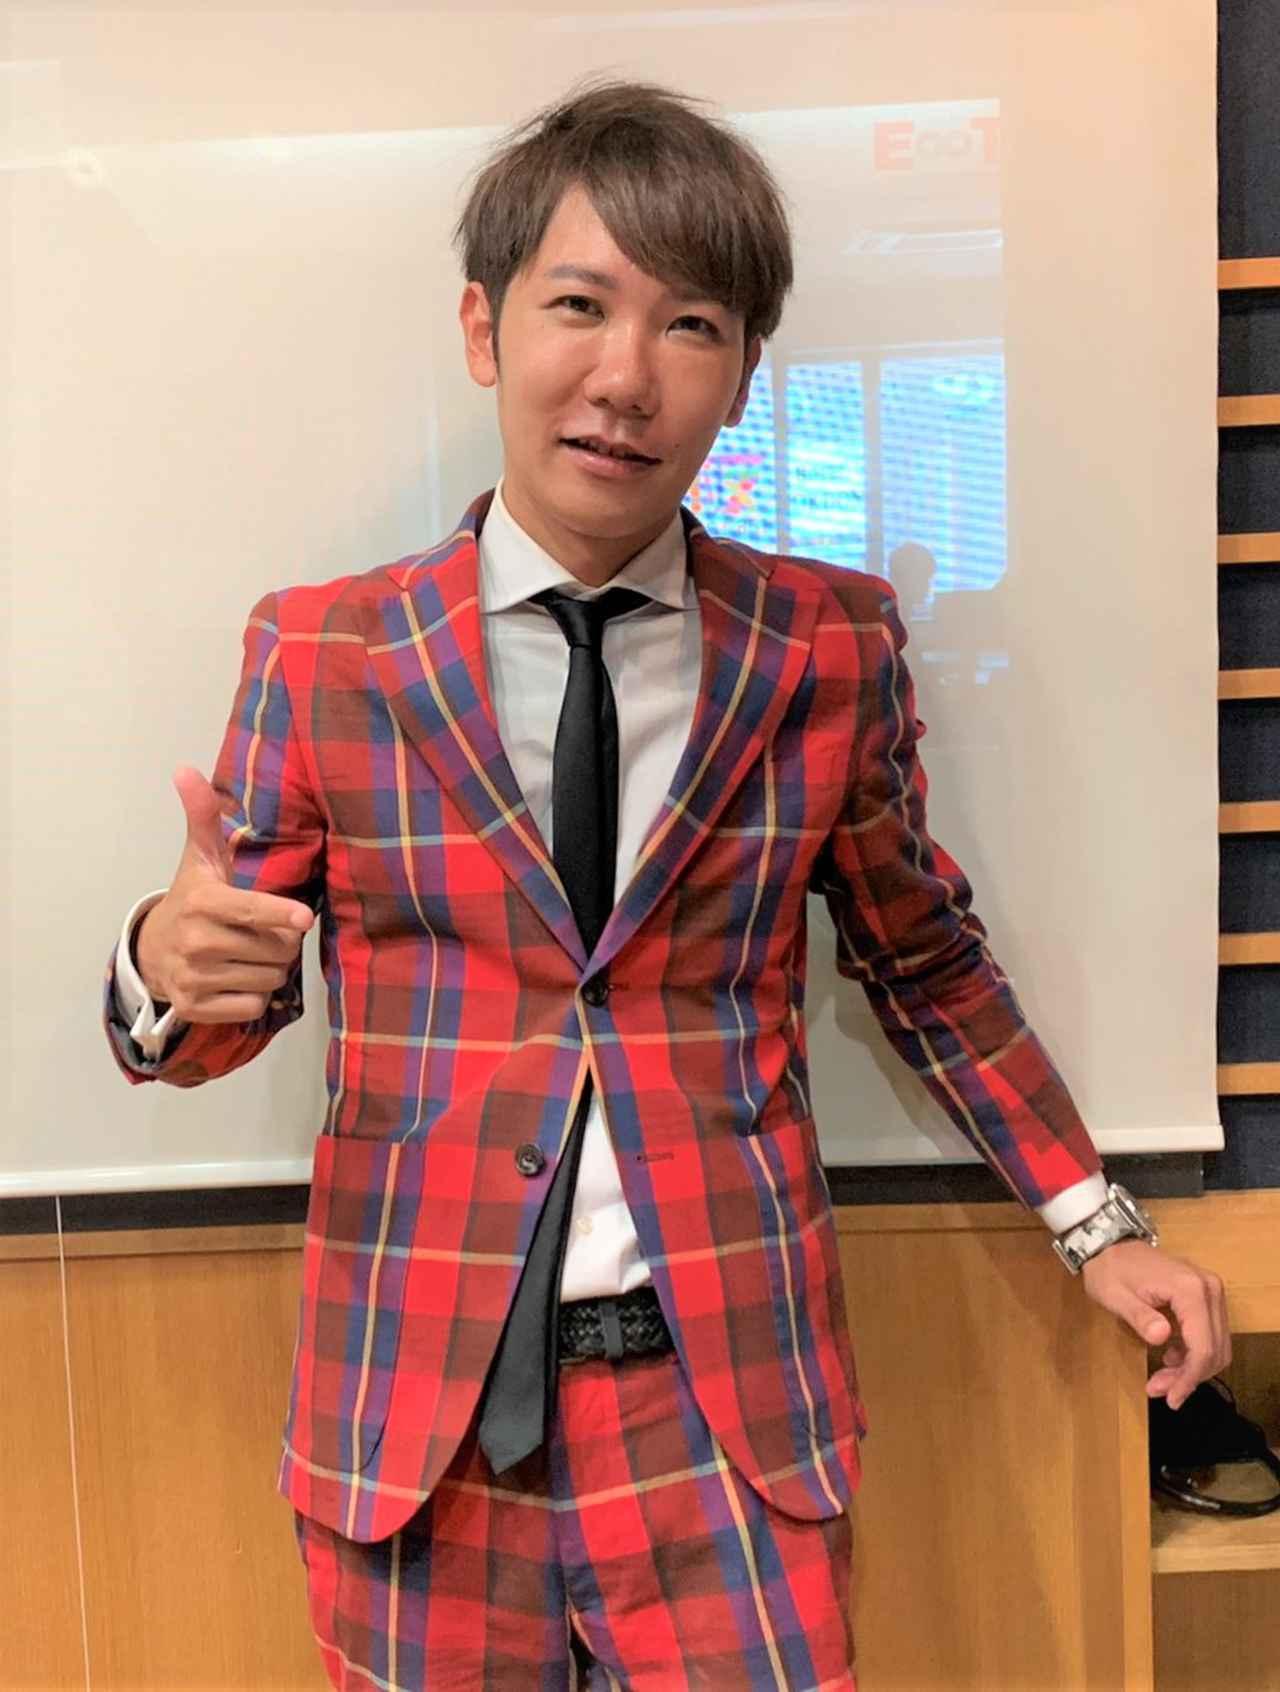 画像: 黒海くんこと 株式会社mahalo 白山豊貴 社長